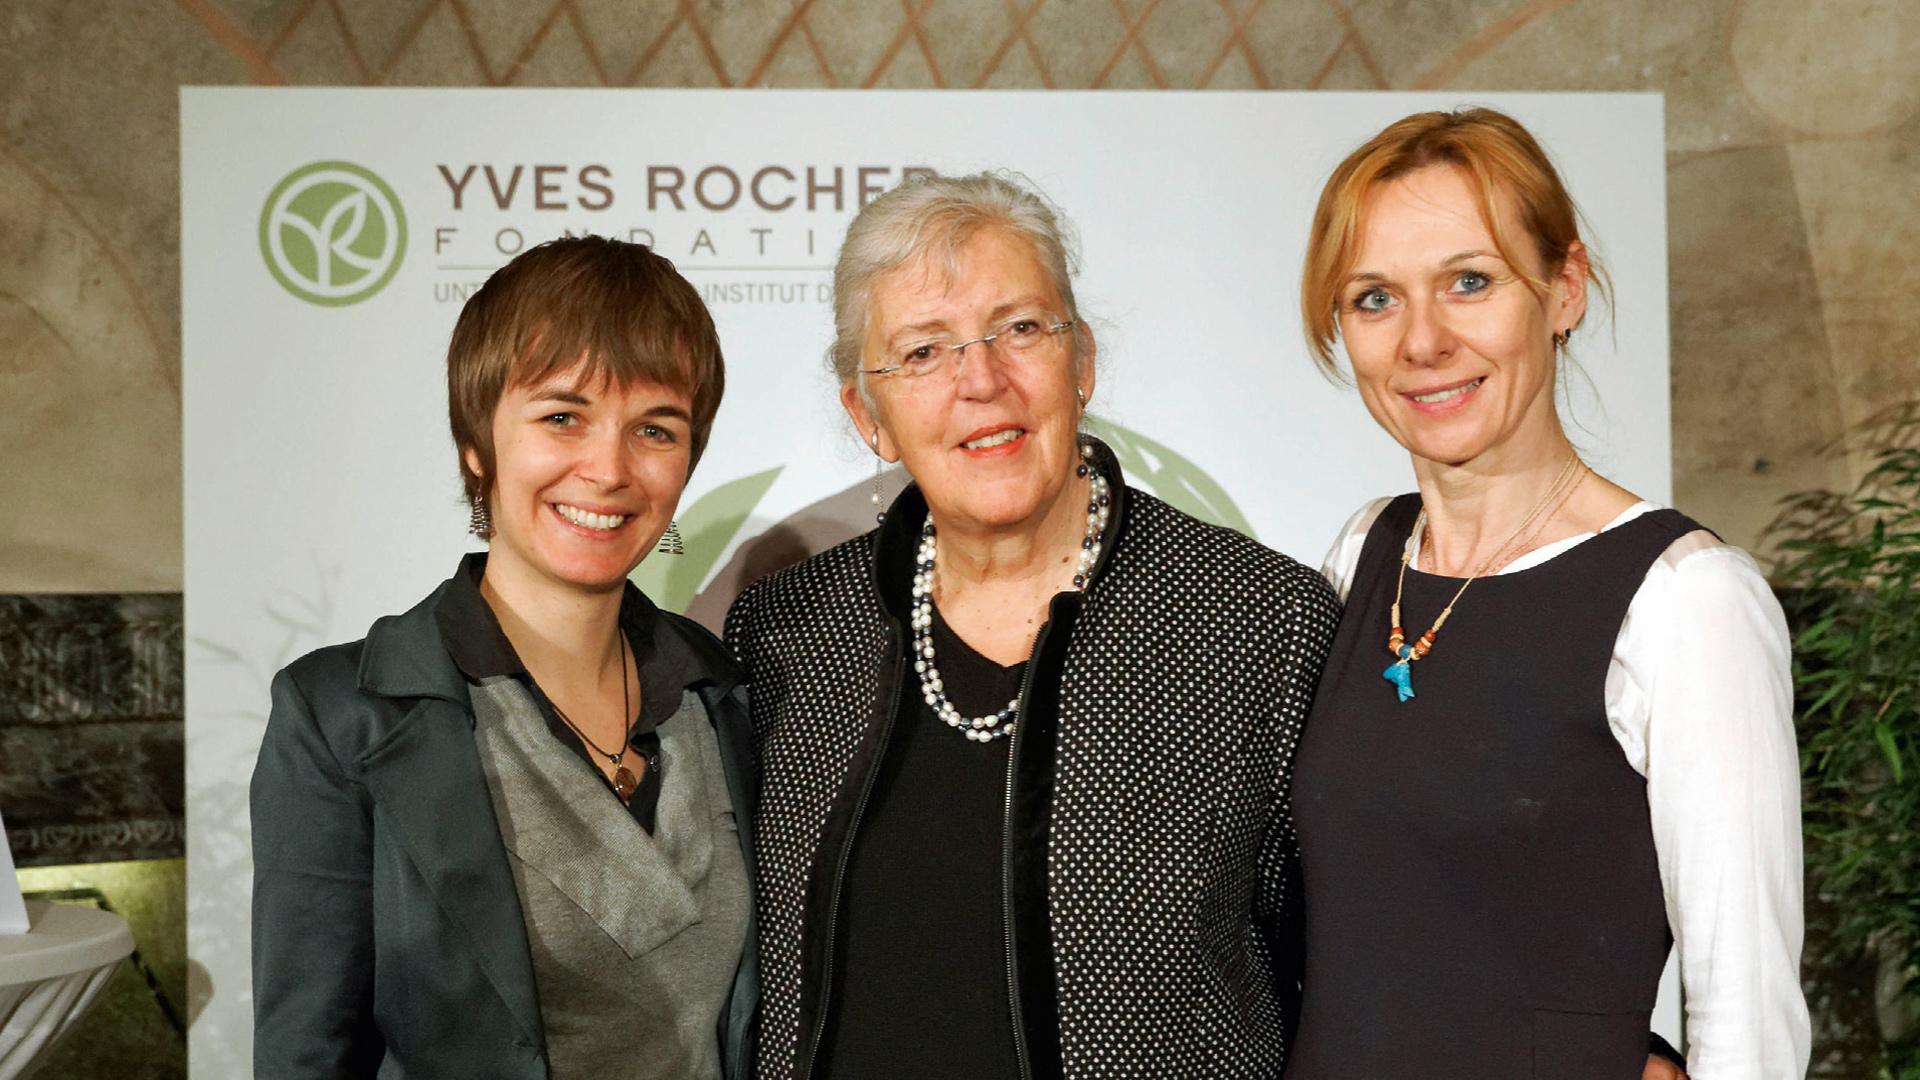 """Die Diplom-Biologin Denise Wenger (rechts) erreichte 2014 den dritten Platz beim """"Trophée de femmes""""für das von ihr ins Leben gerufene Projekt zu Vorkommen und Schutz von Schweinswalen in Elbe, Weser und an der Nordseeküste."""